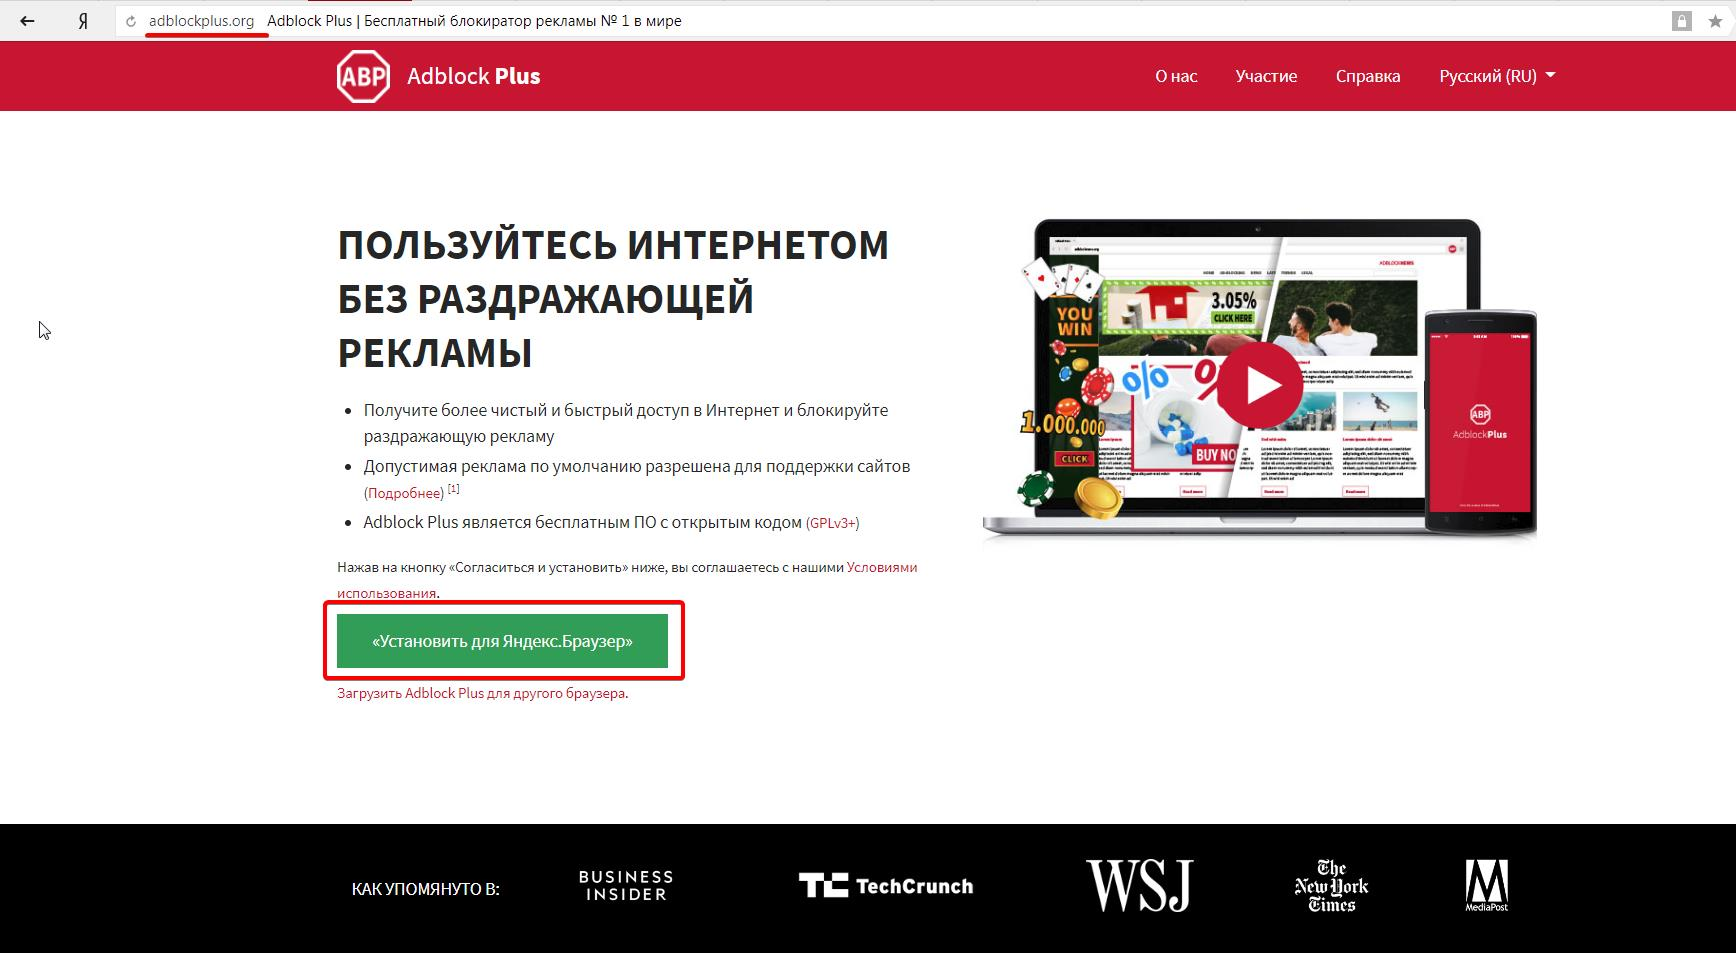 Как избавиться в интернете от навязчивой рекламы самостоятельно сделать логотип для сайта